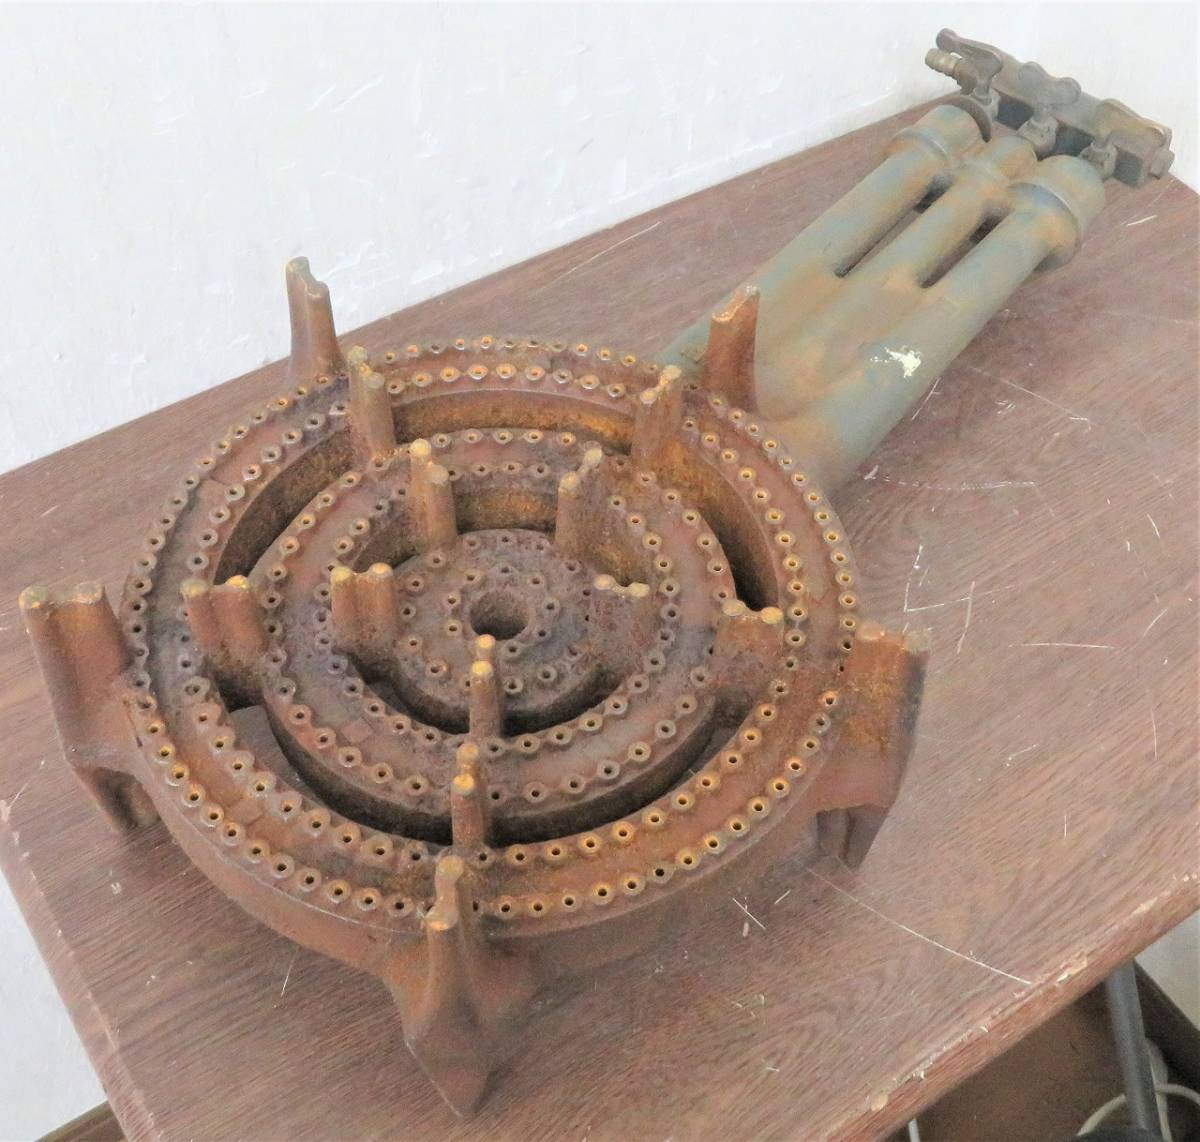 厨房機器《LPガス用鋳物コンロ》業務用/屋台 直径300mm_画像1